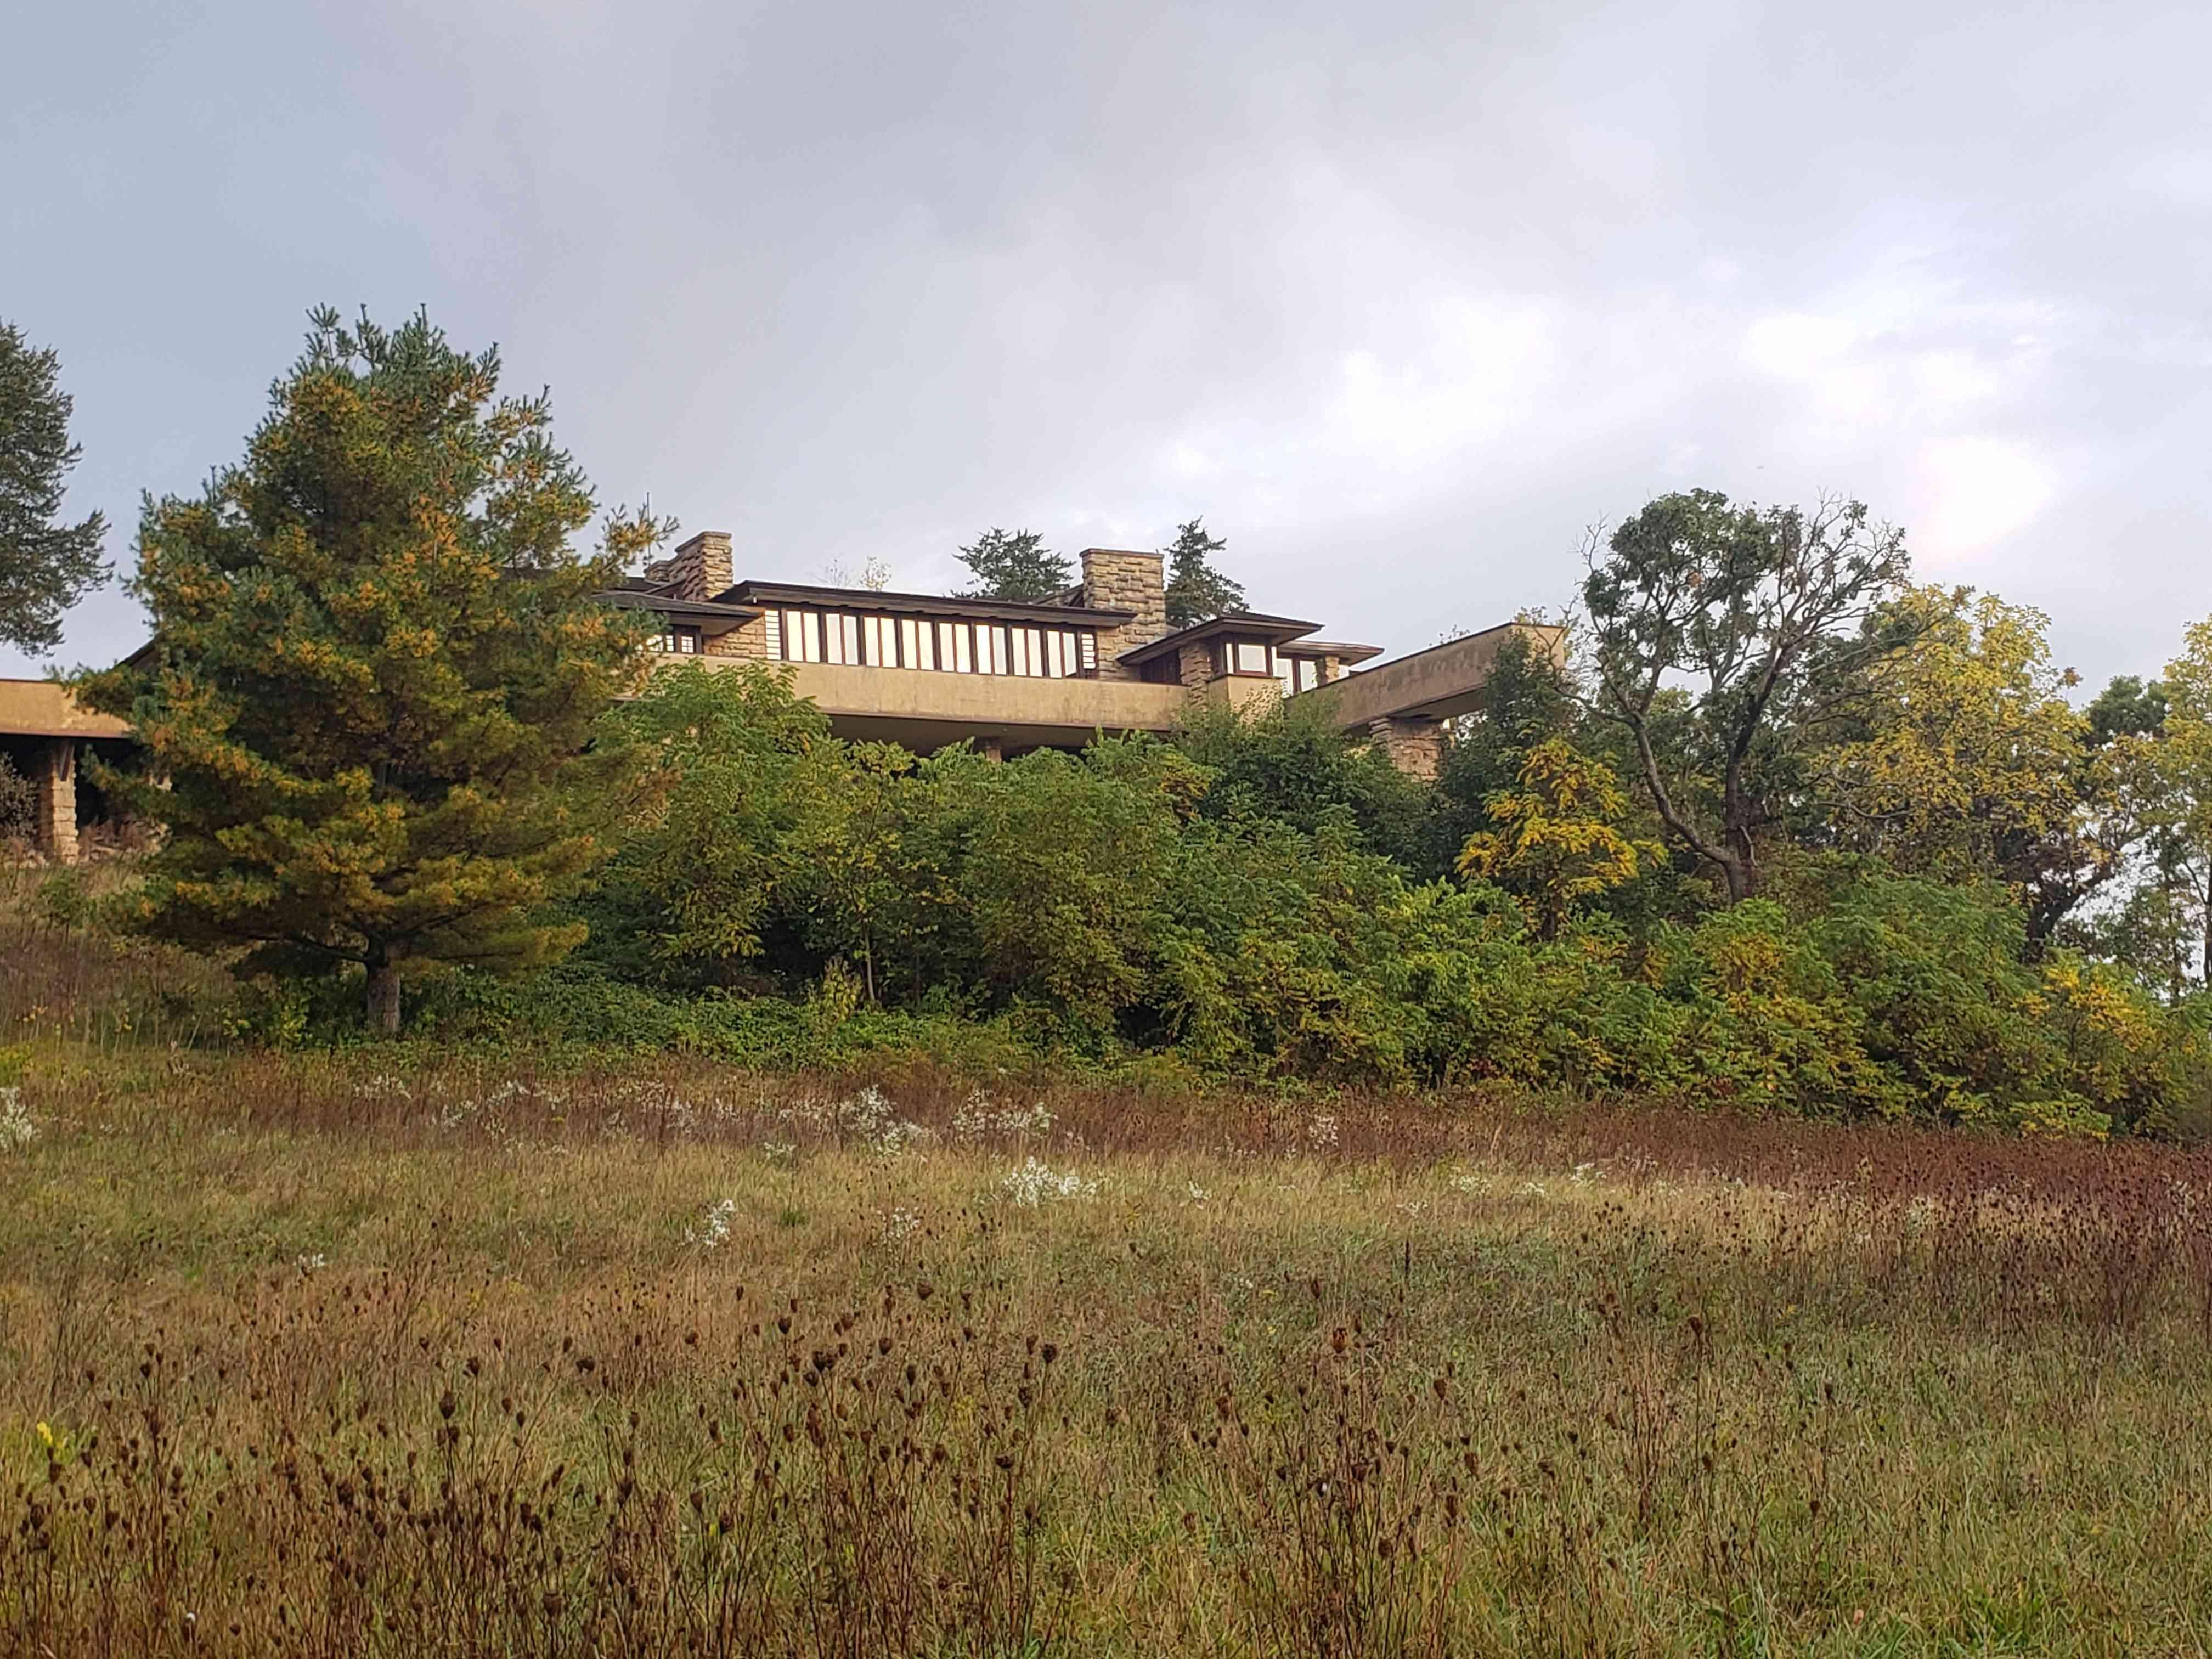 Taliesin by Frank Lloyd Wright